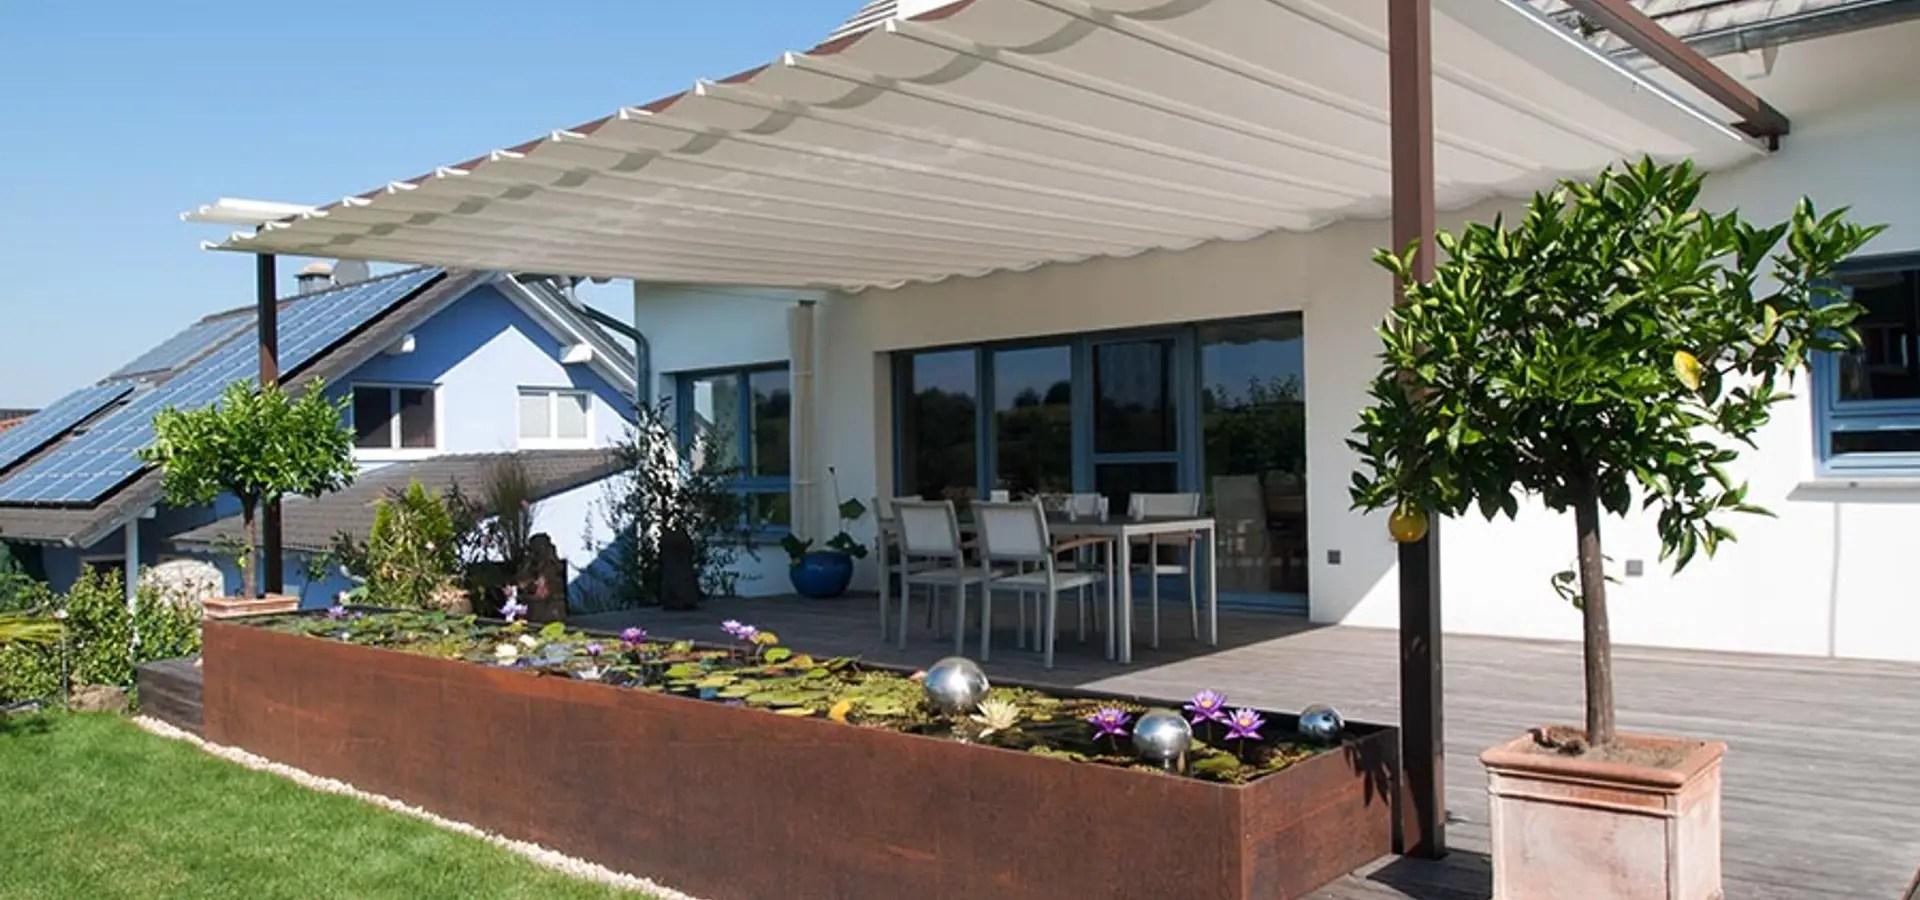 Uberdachung Terrasse Mit Sonnenschutz